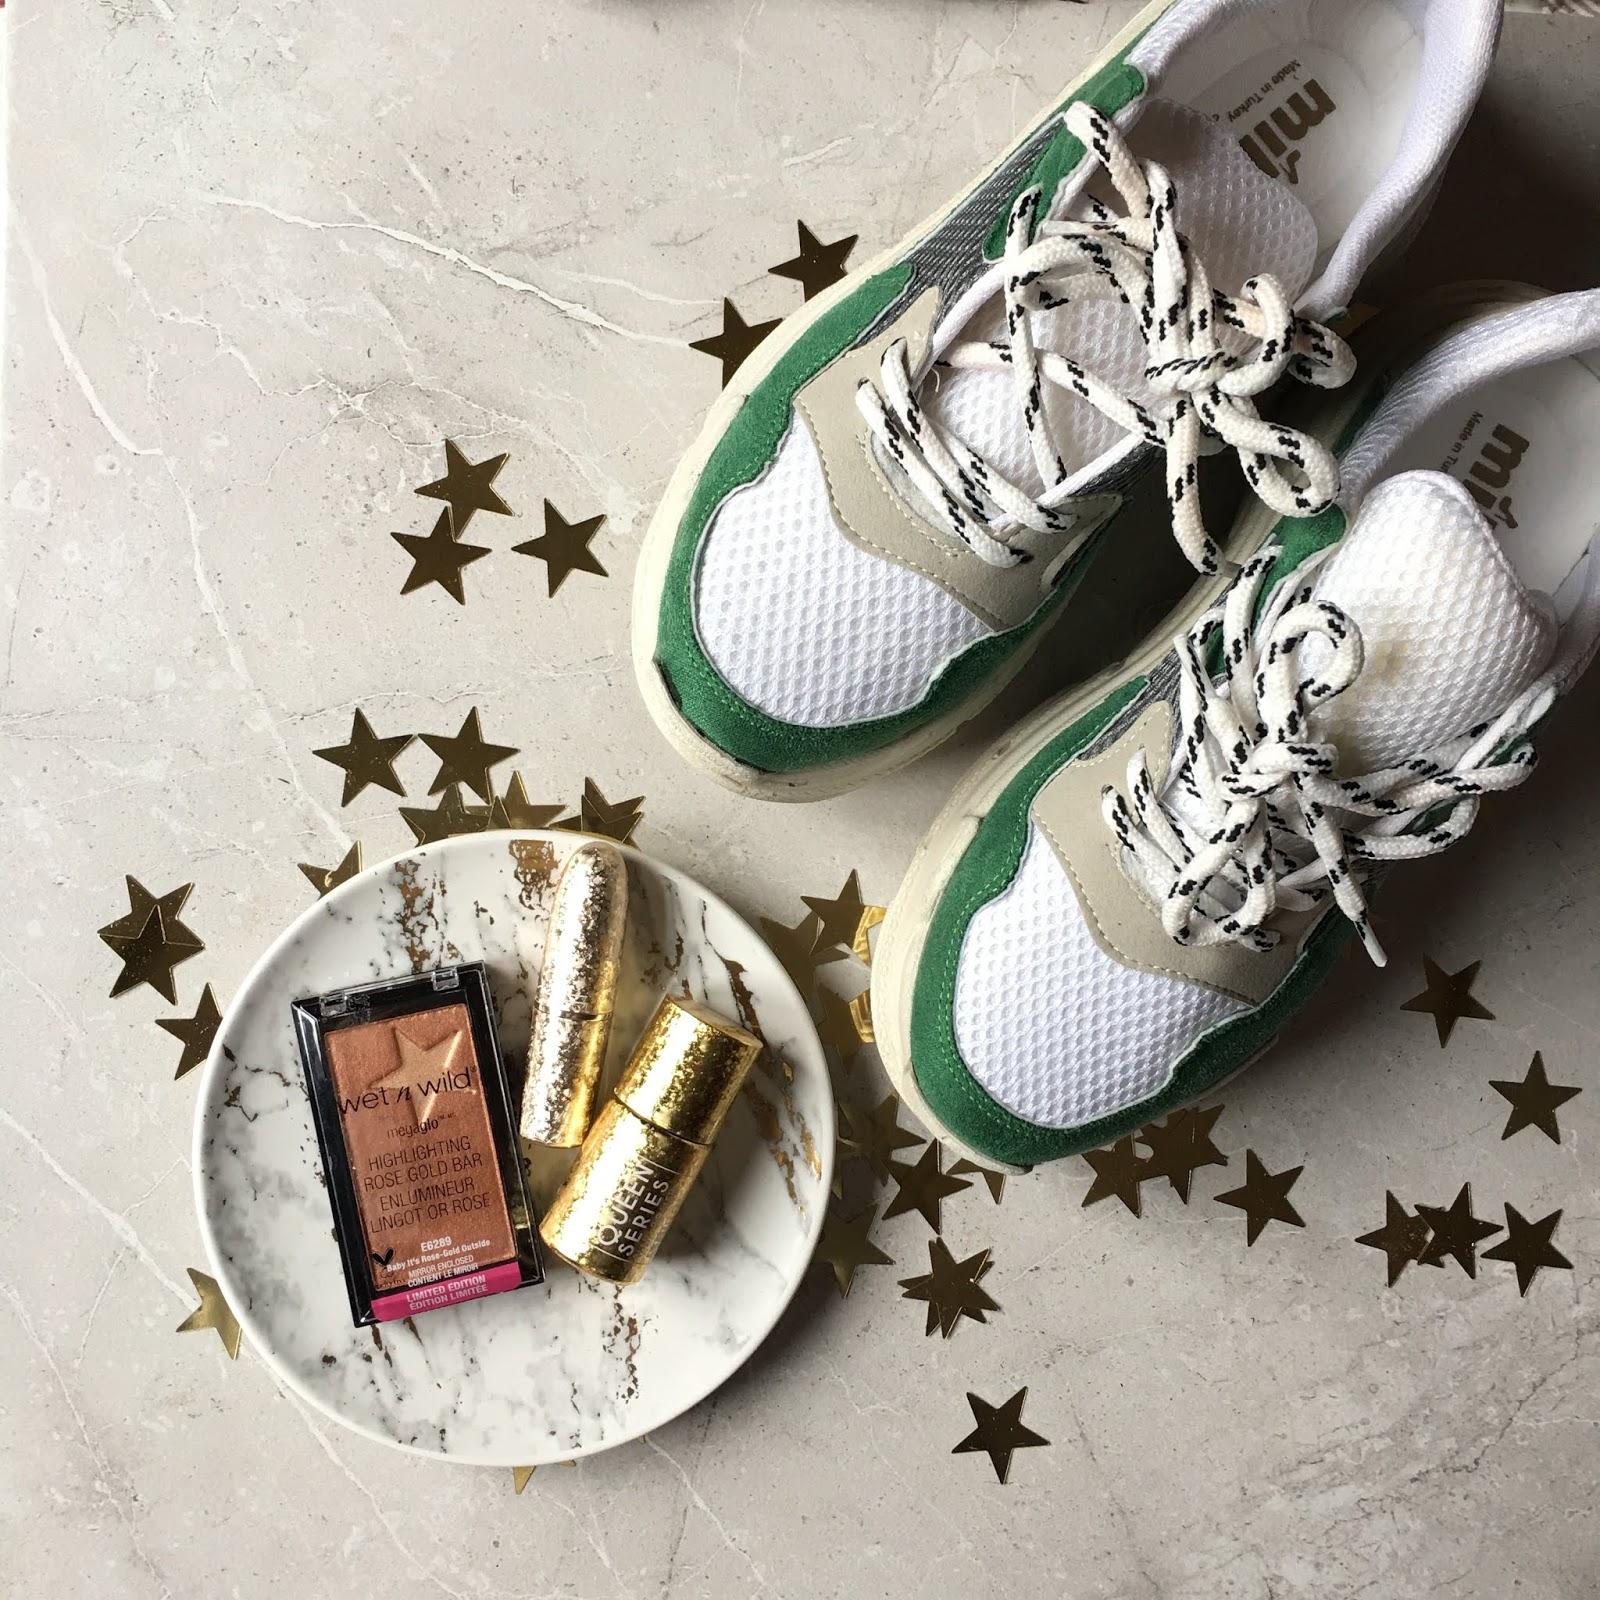 1f7e4fa9d16c9 Irmak Ayakkabı Alışverişi.. | AUDREYİN ŞEKERLERİ | Bloglovin'